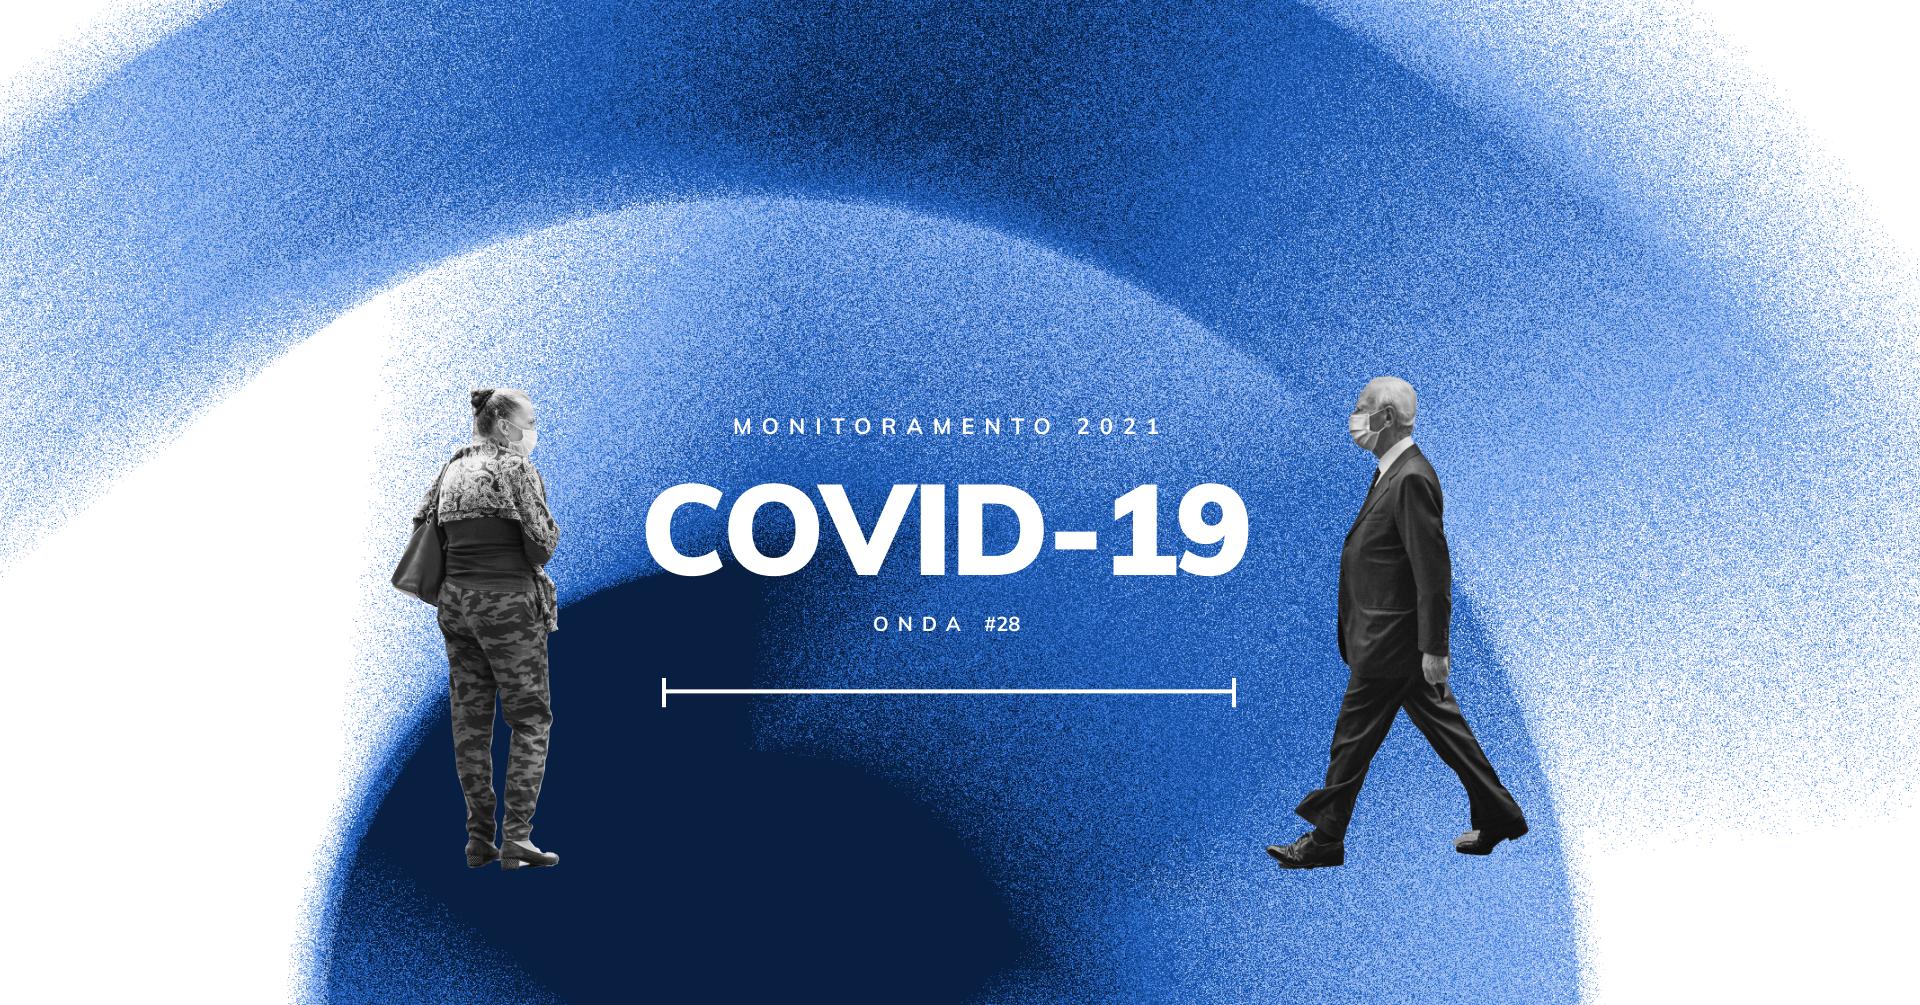 Monitoramento COVID-19: 28ª onda